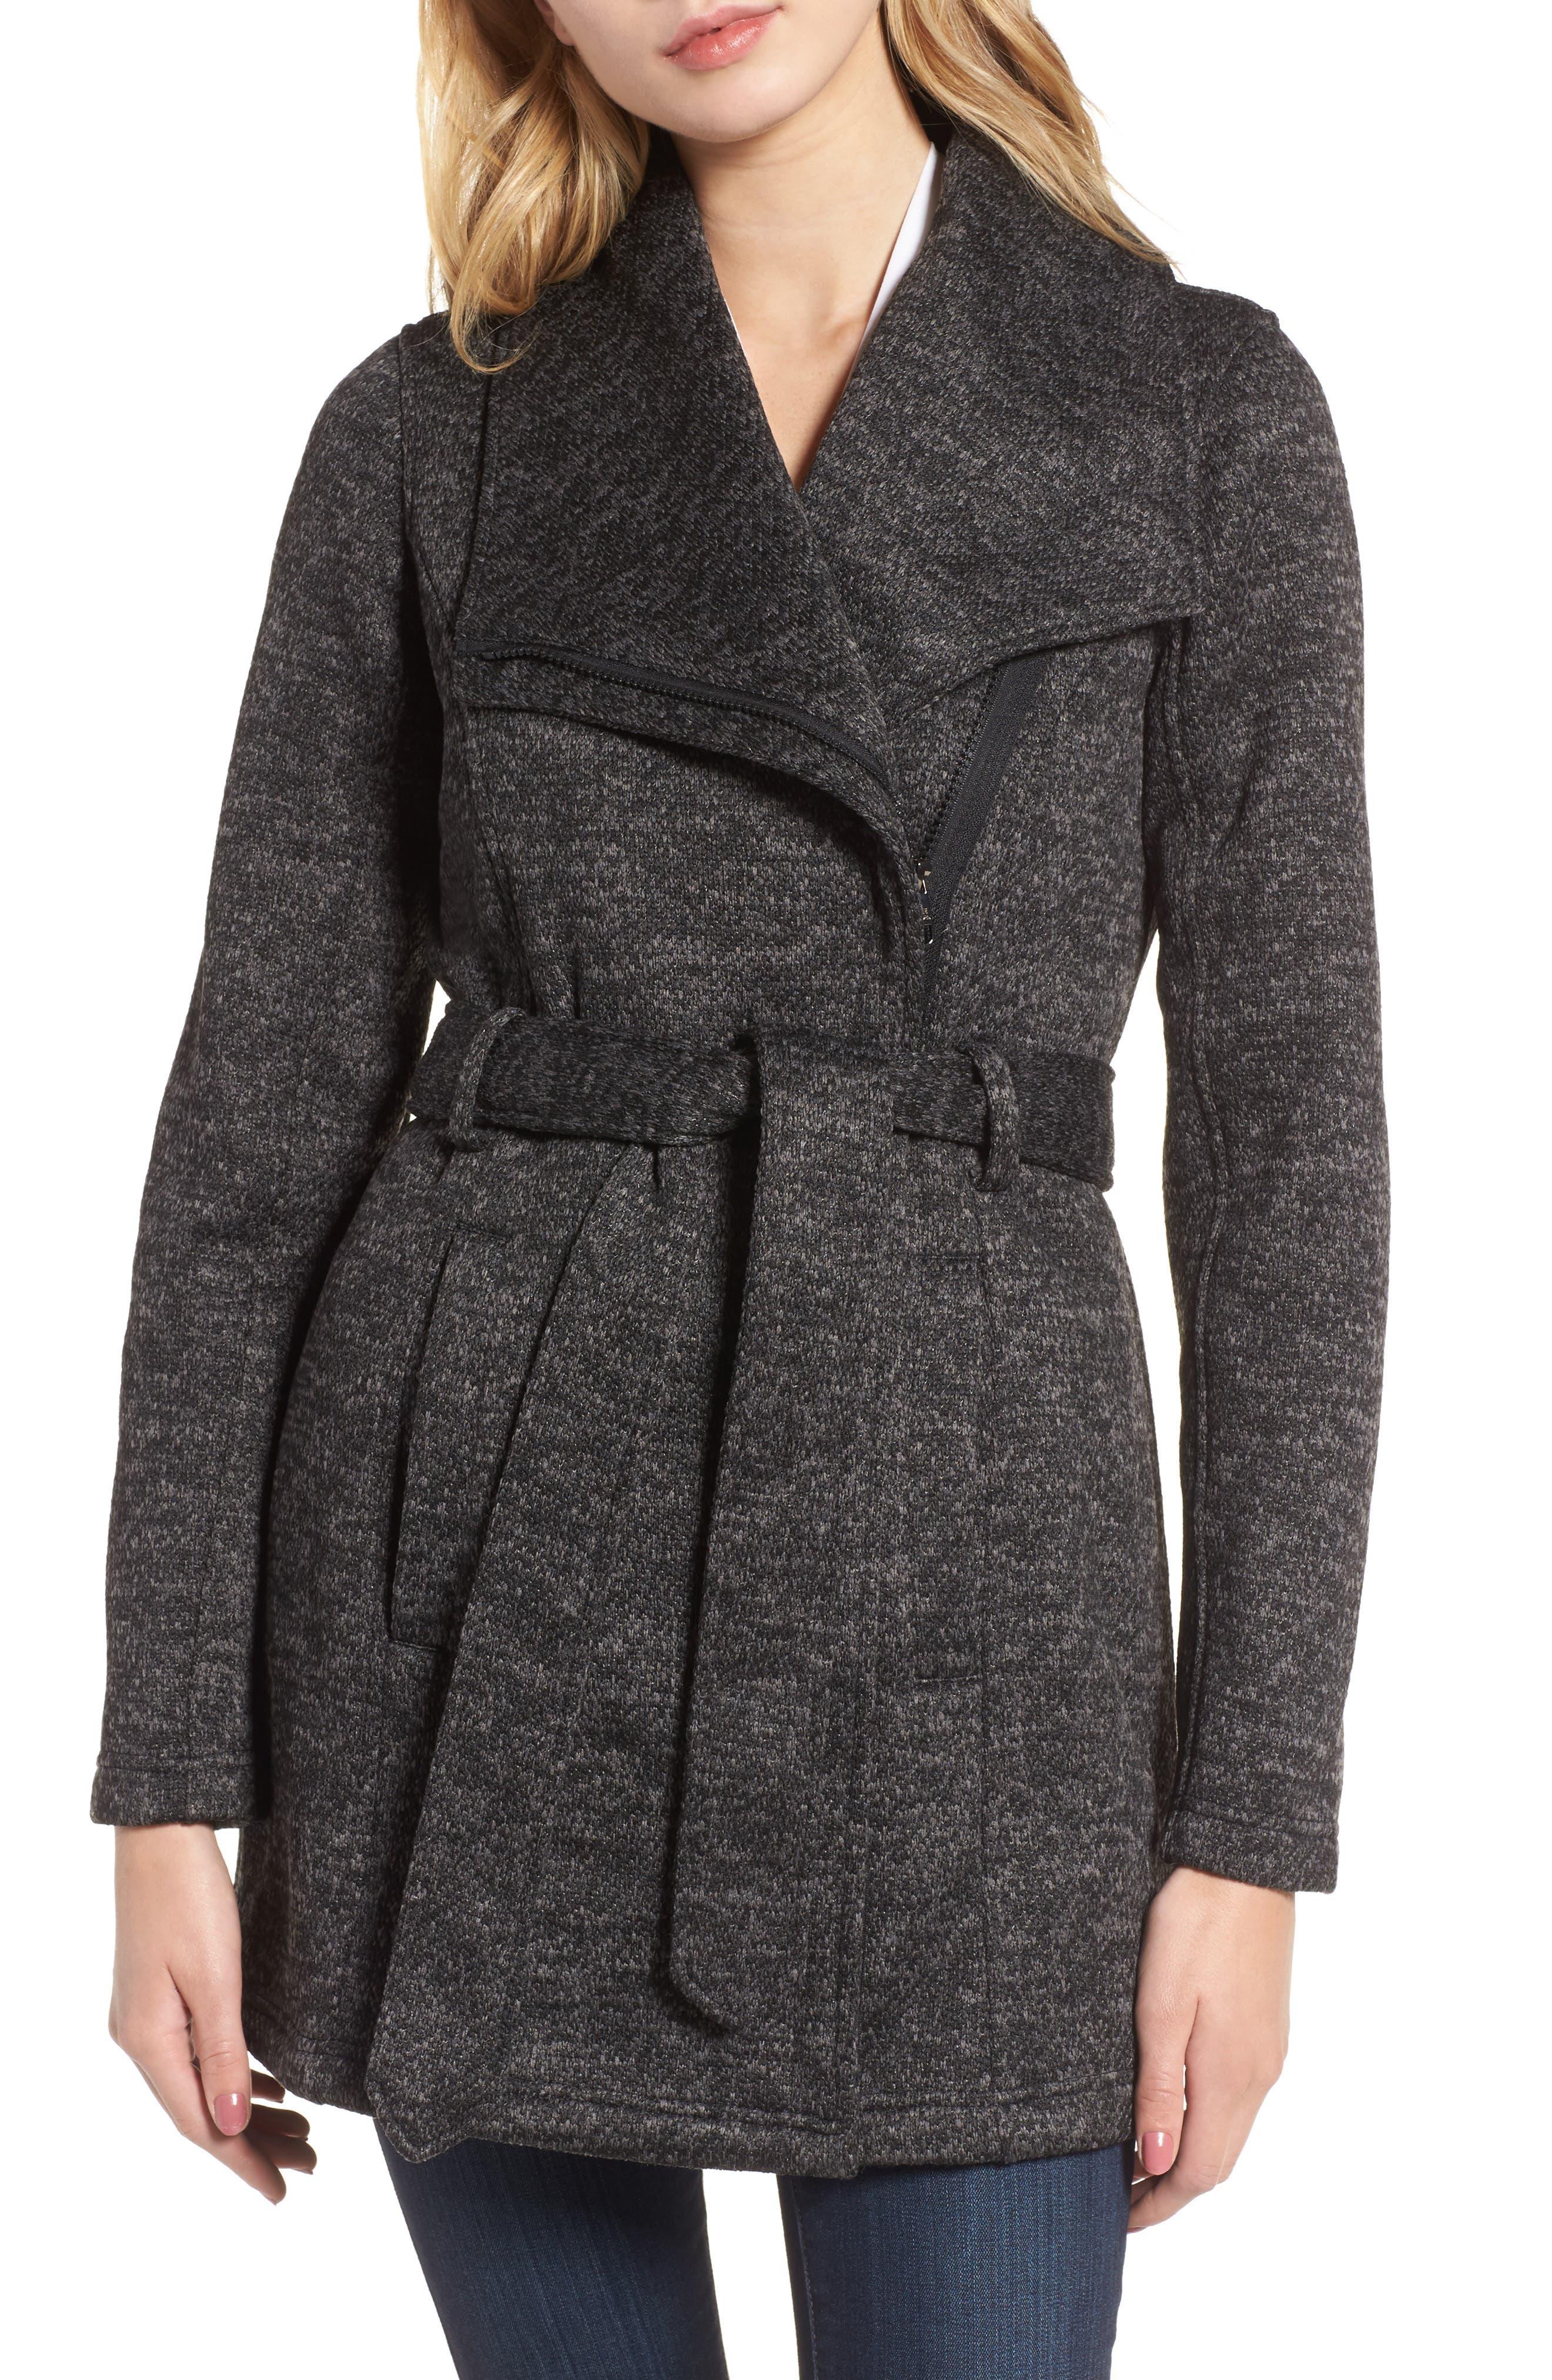 Fleece Wrap Coat,                             Main thumbnail 1, color,                             Charcoal Heather